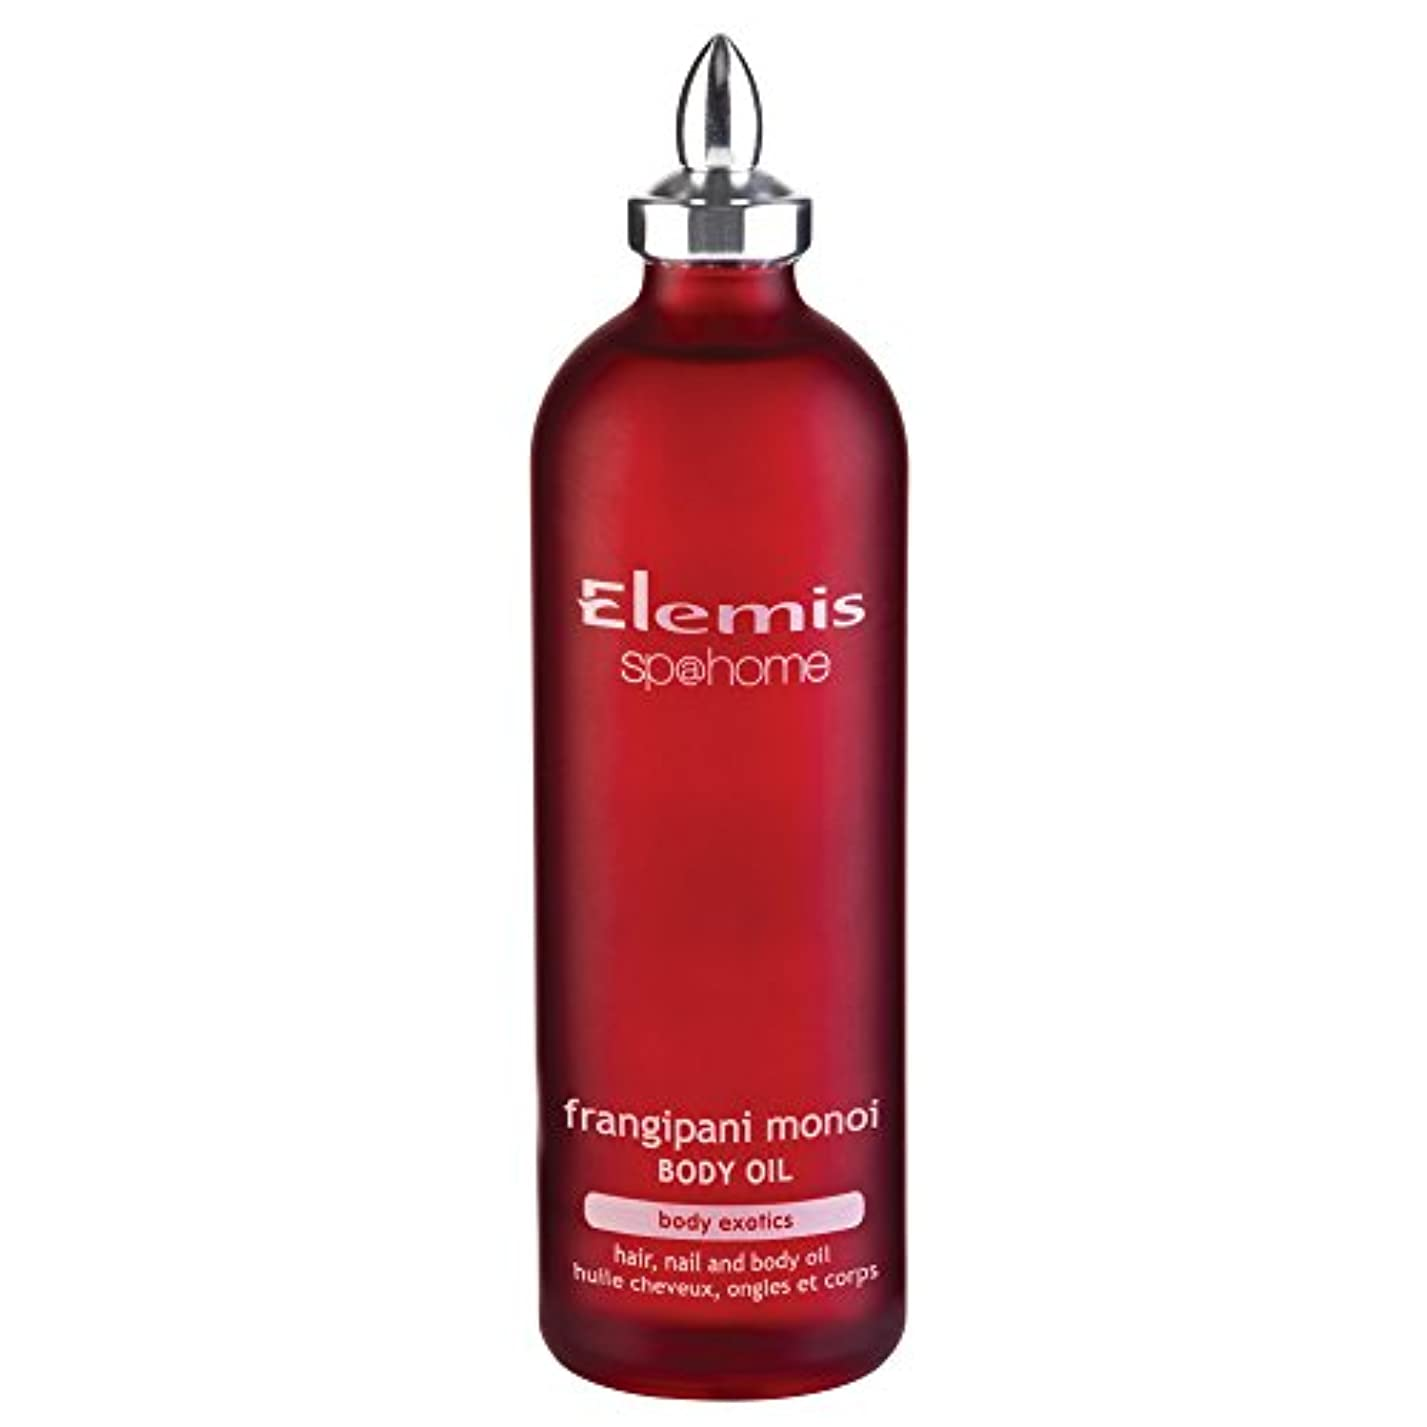 せっかち抜け目がないシャックルエレミスプルメリアモノイボディオイル100ミリリットル (Elemis) (x2) - Elemis Frangipani Monoi Body Oil 100ml (Pack of 2) [並行輸入品]